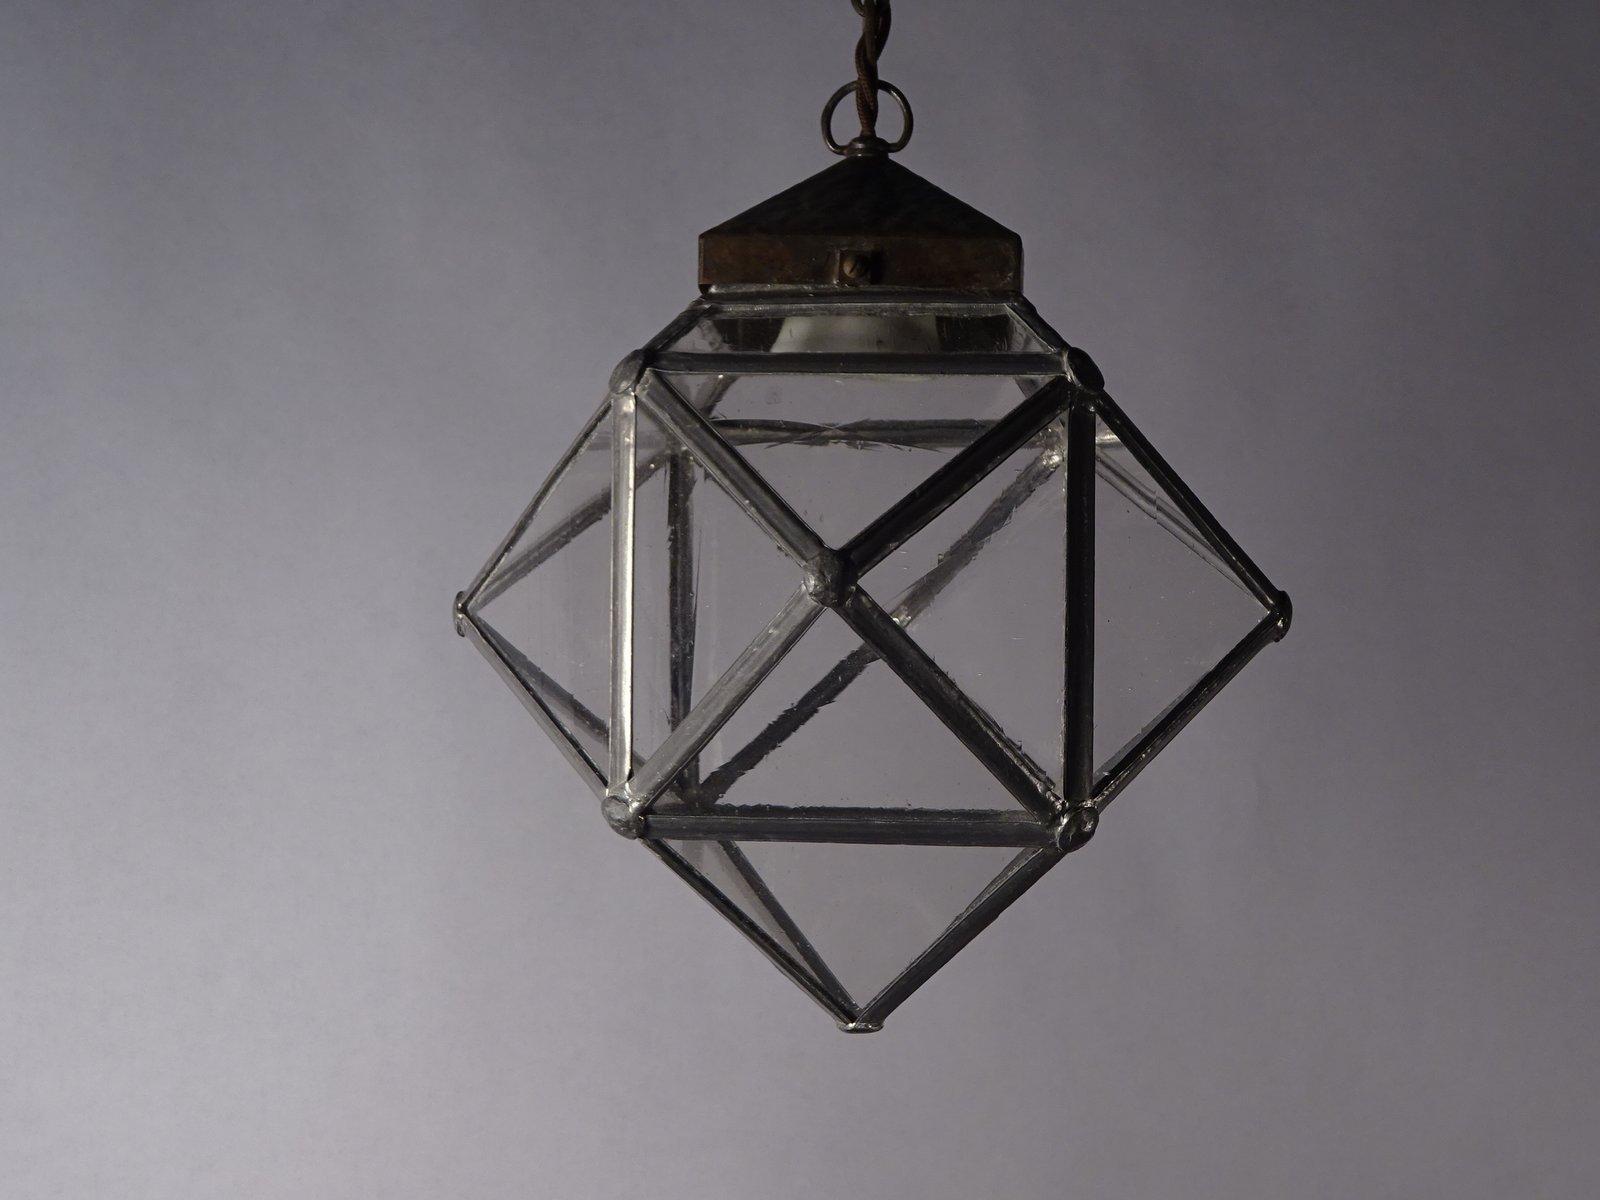 Antike jugendstil deckenlampe aus messing bei pamono kaufen for Deckenlampe messing